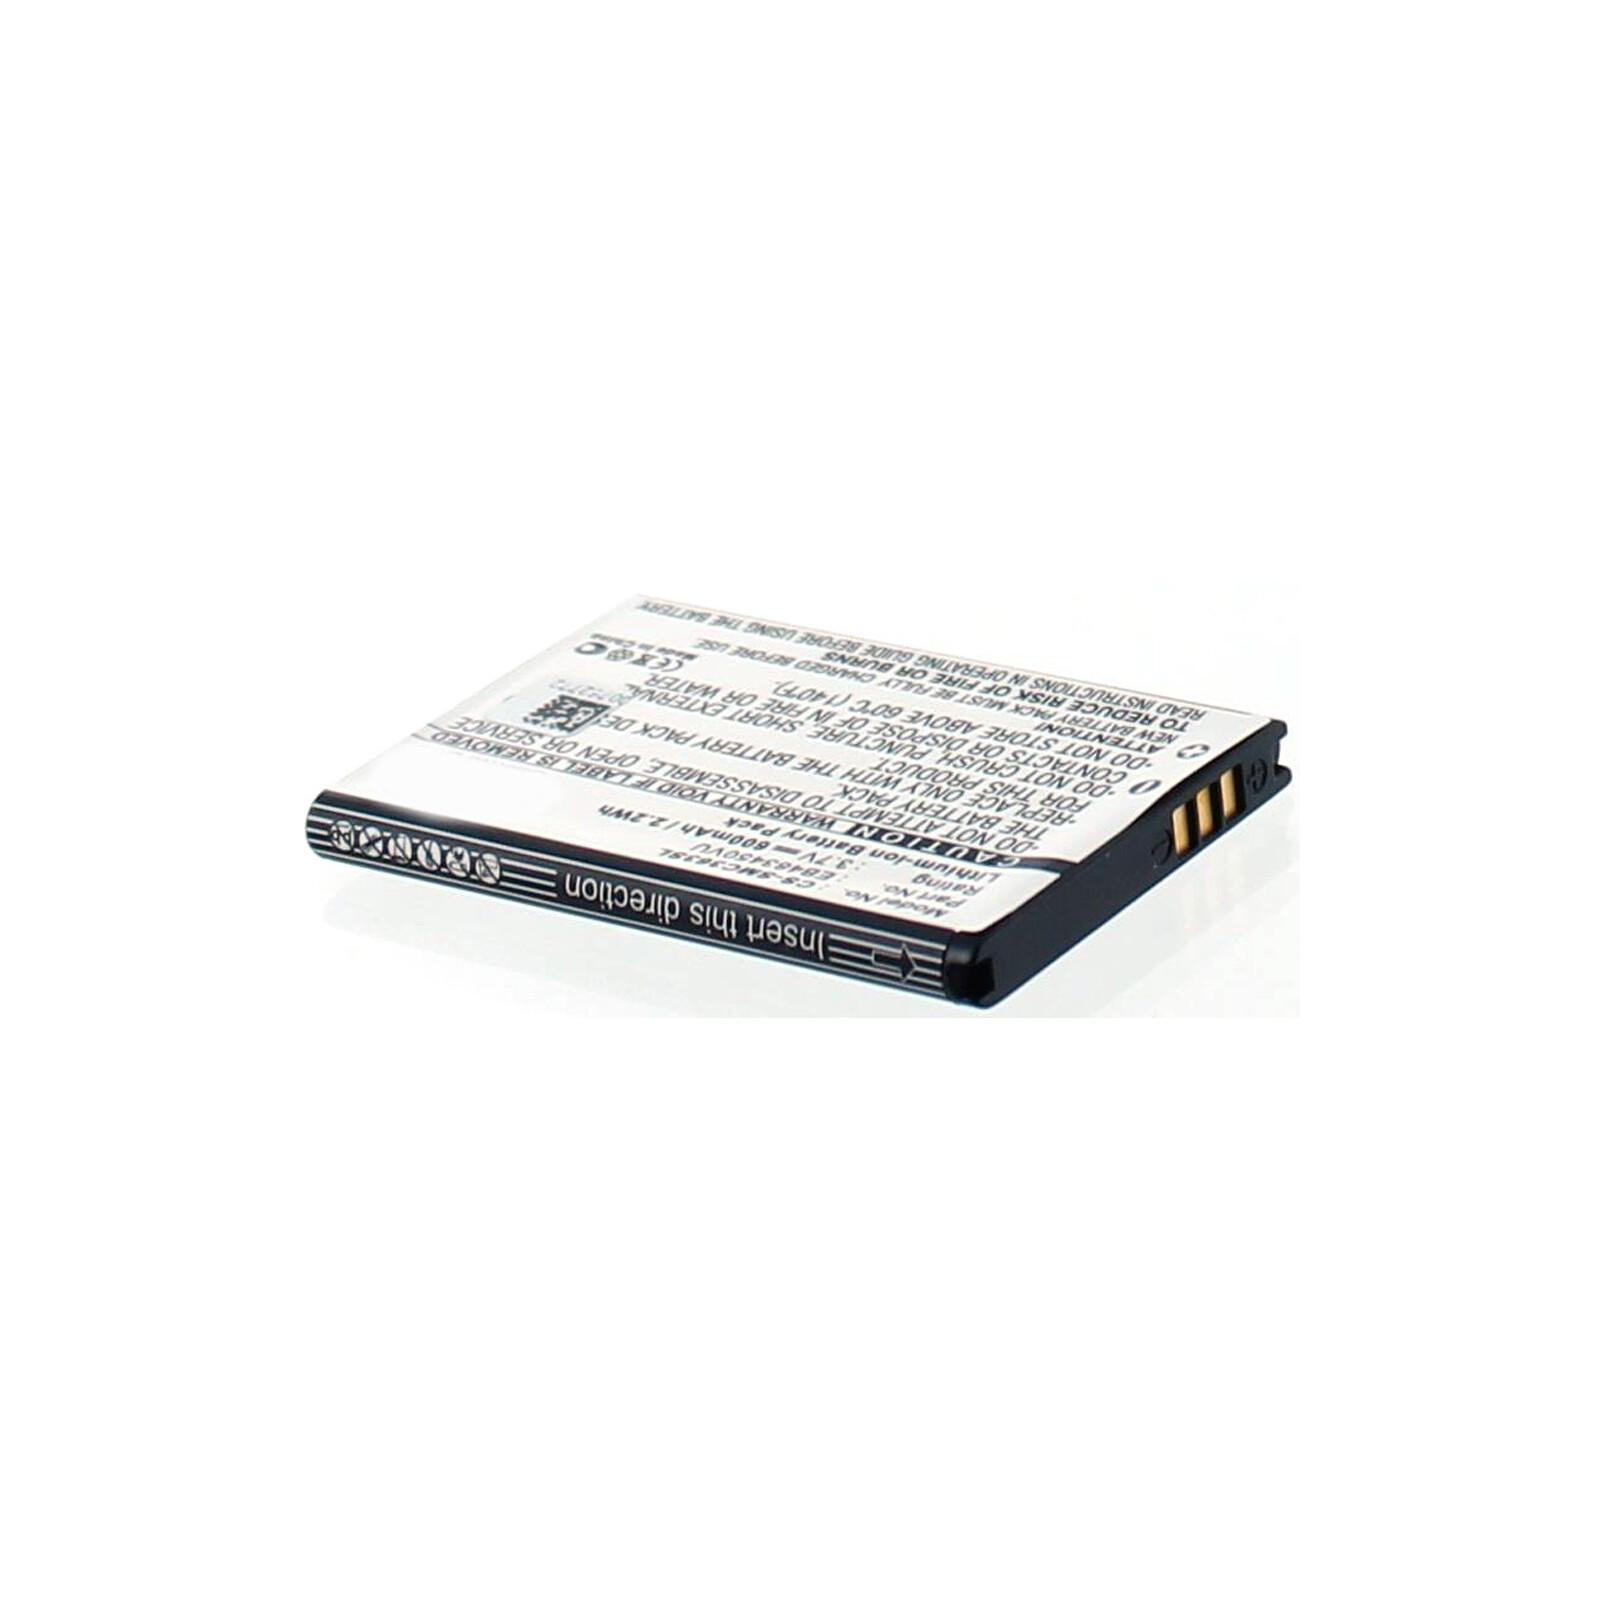 AGI Akku Samsung GT-S5350 600mAh